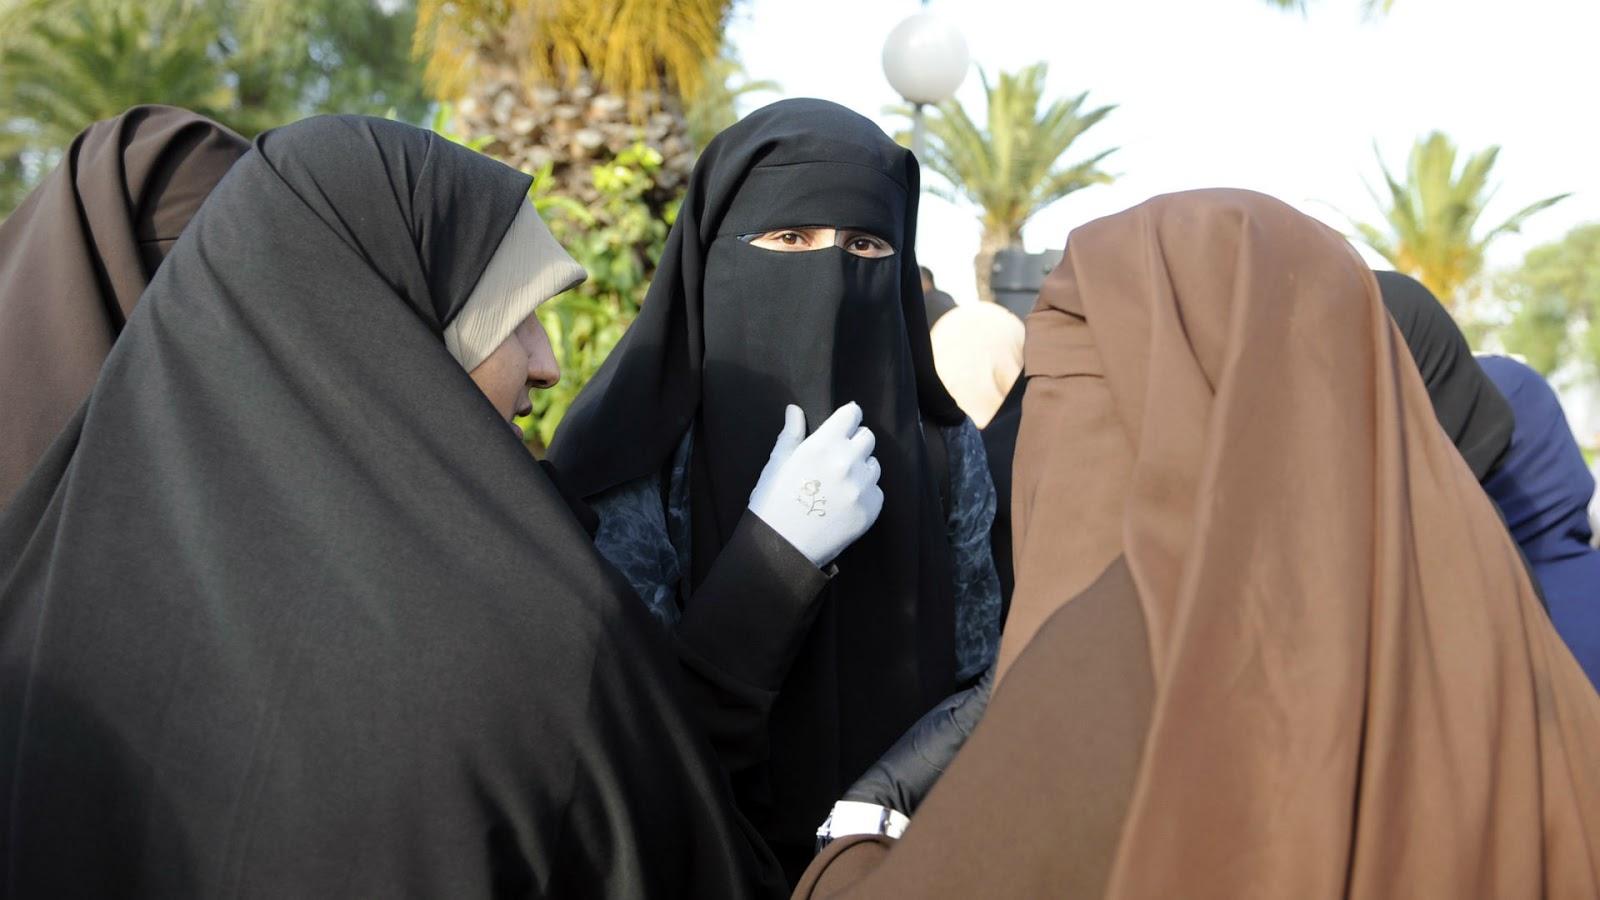 Pemerintah Mesir Akan Larang Niqab